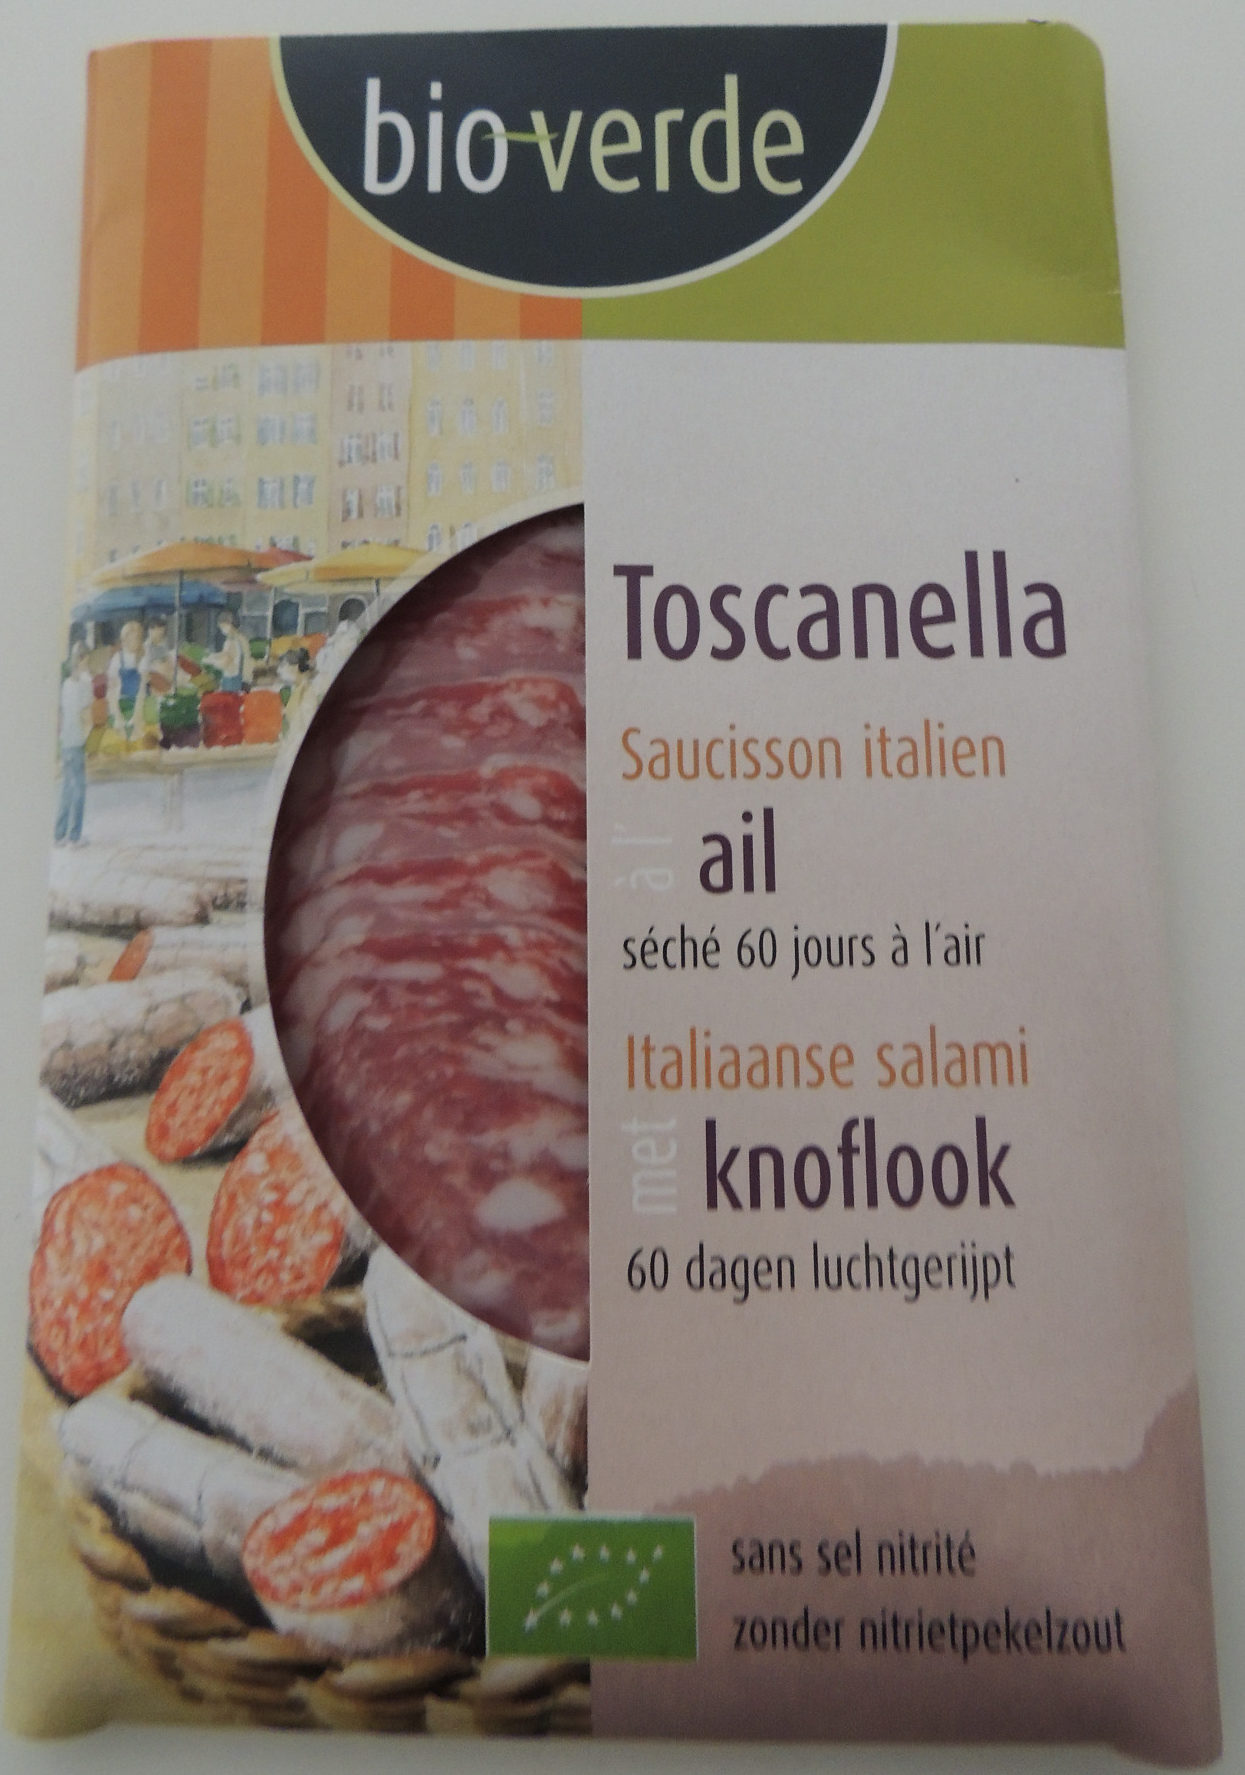 Saucisson italien à l'ail - séché 60 jours à l'air - Product